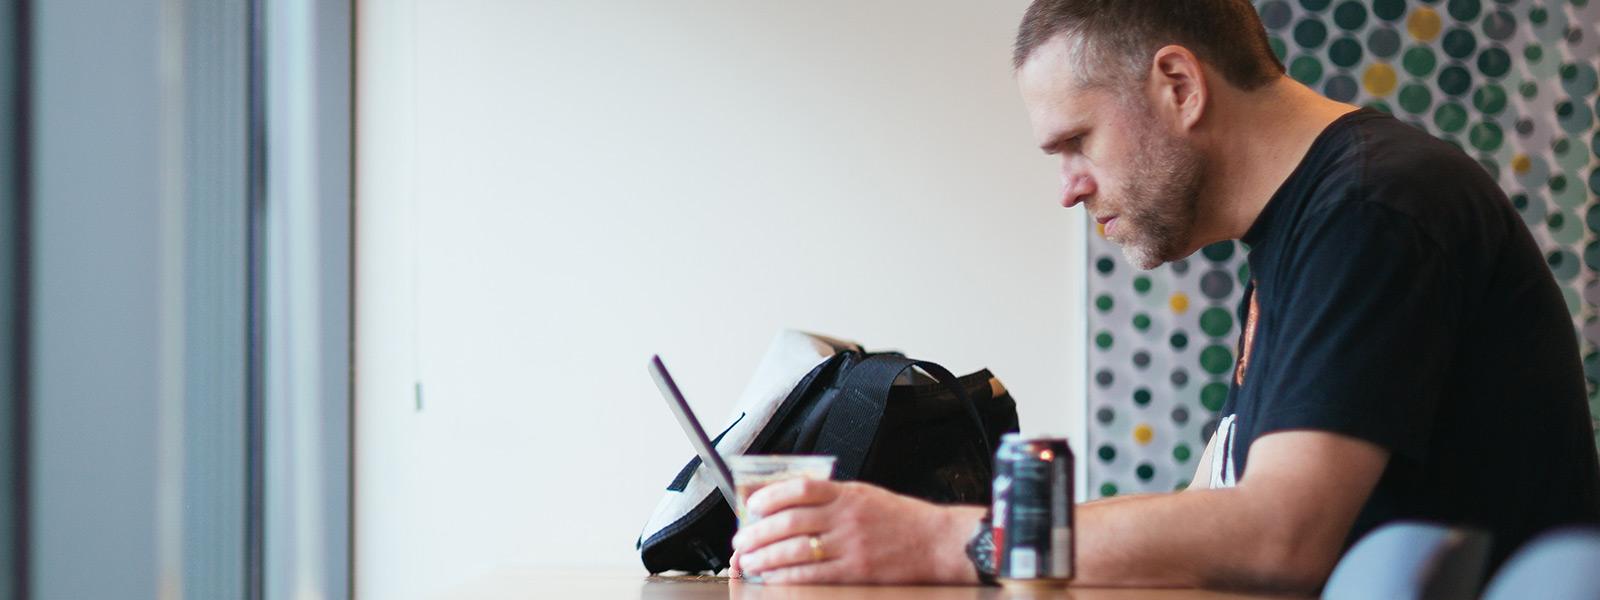 Muškarac sjedi za stolom i radi na računalu sa sustavom Windows 10.